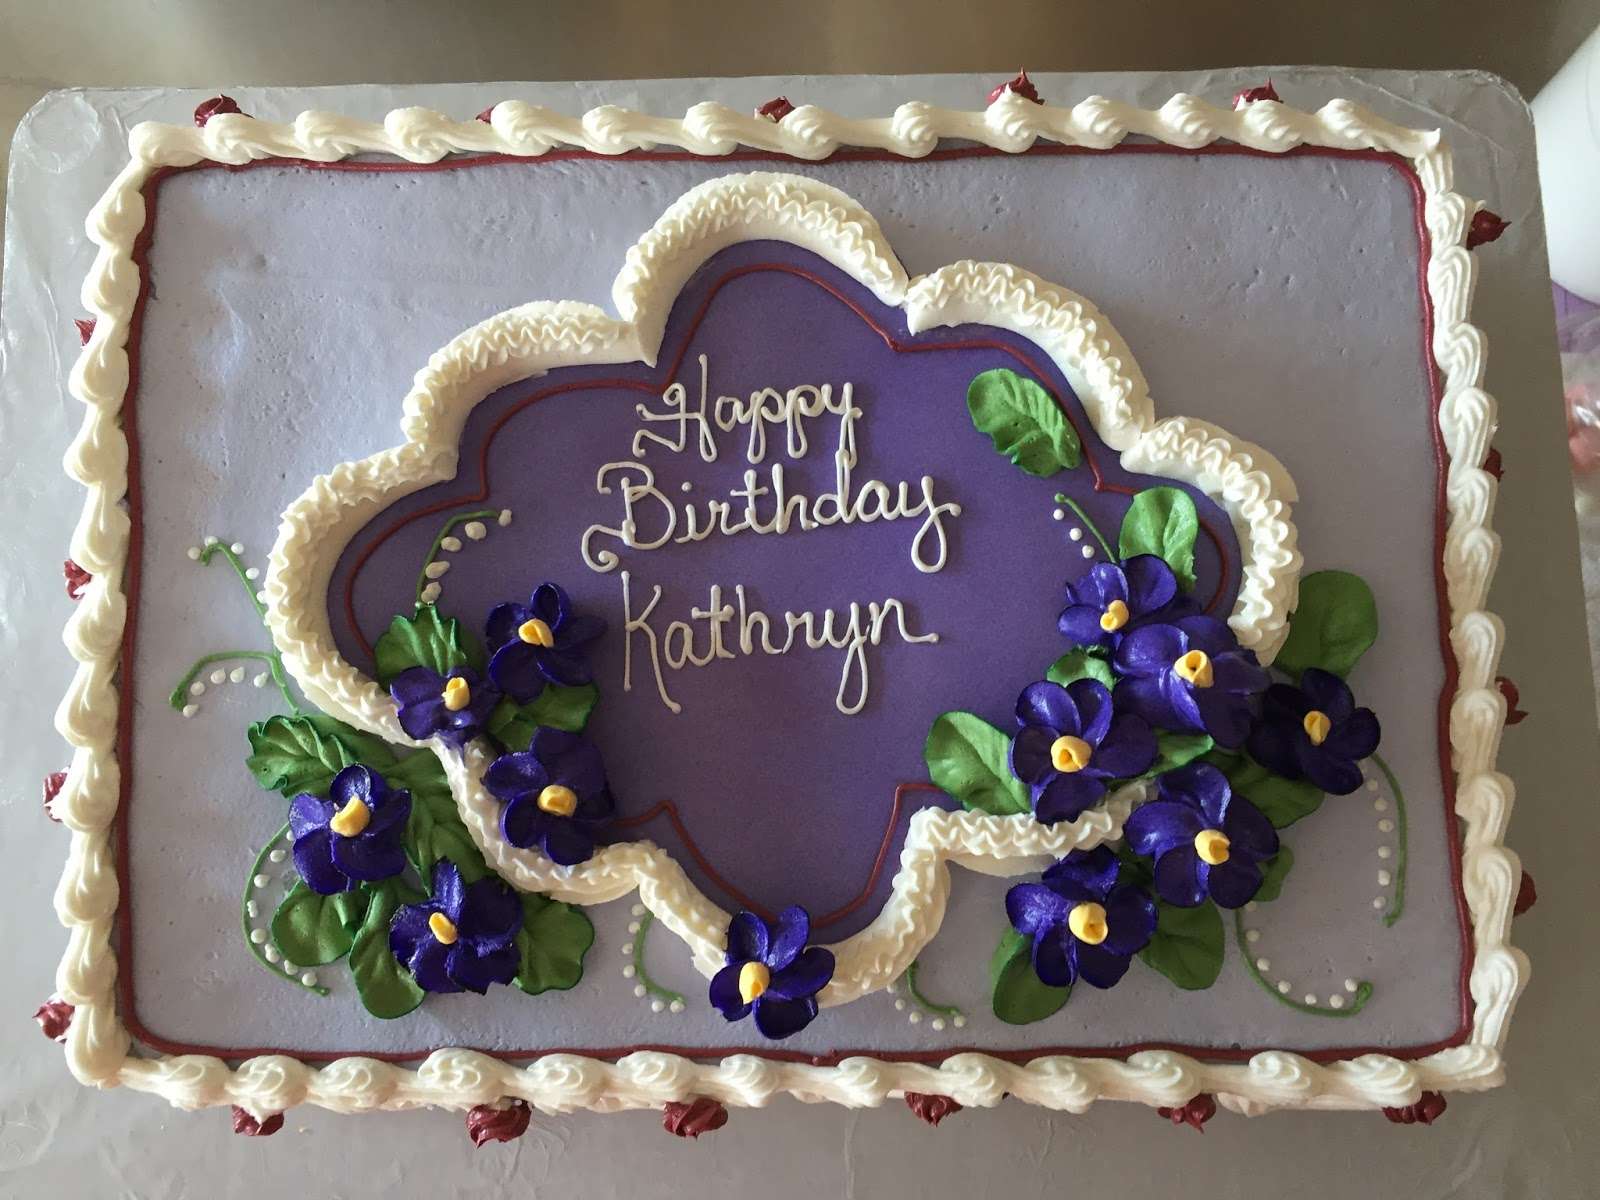 Gourmet Specialtys Happy 80th Birthday Kathryn